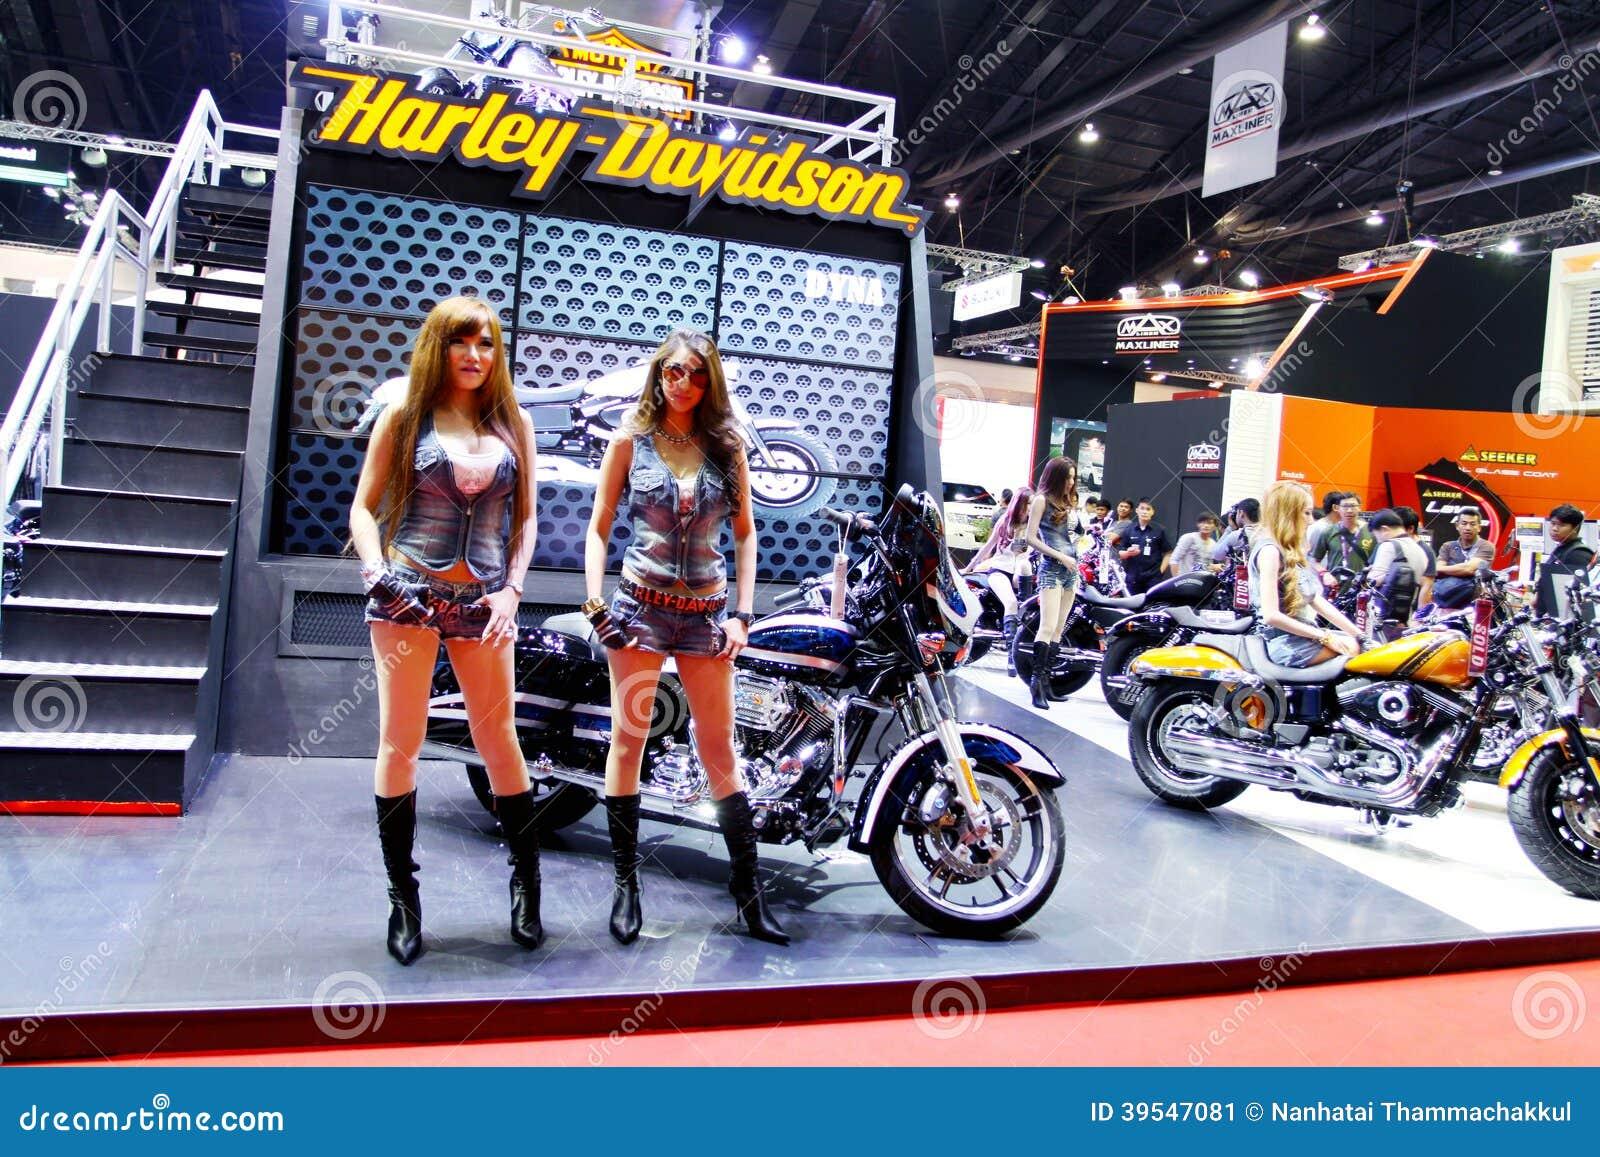 Nicht identifiziertes Modell mit Harley Davidson